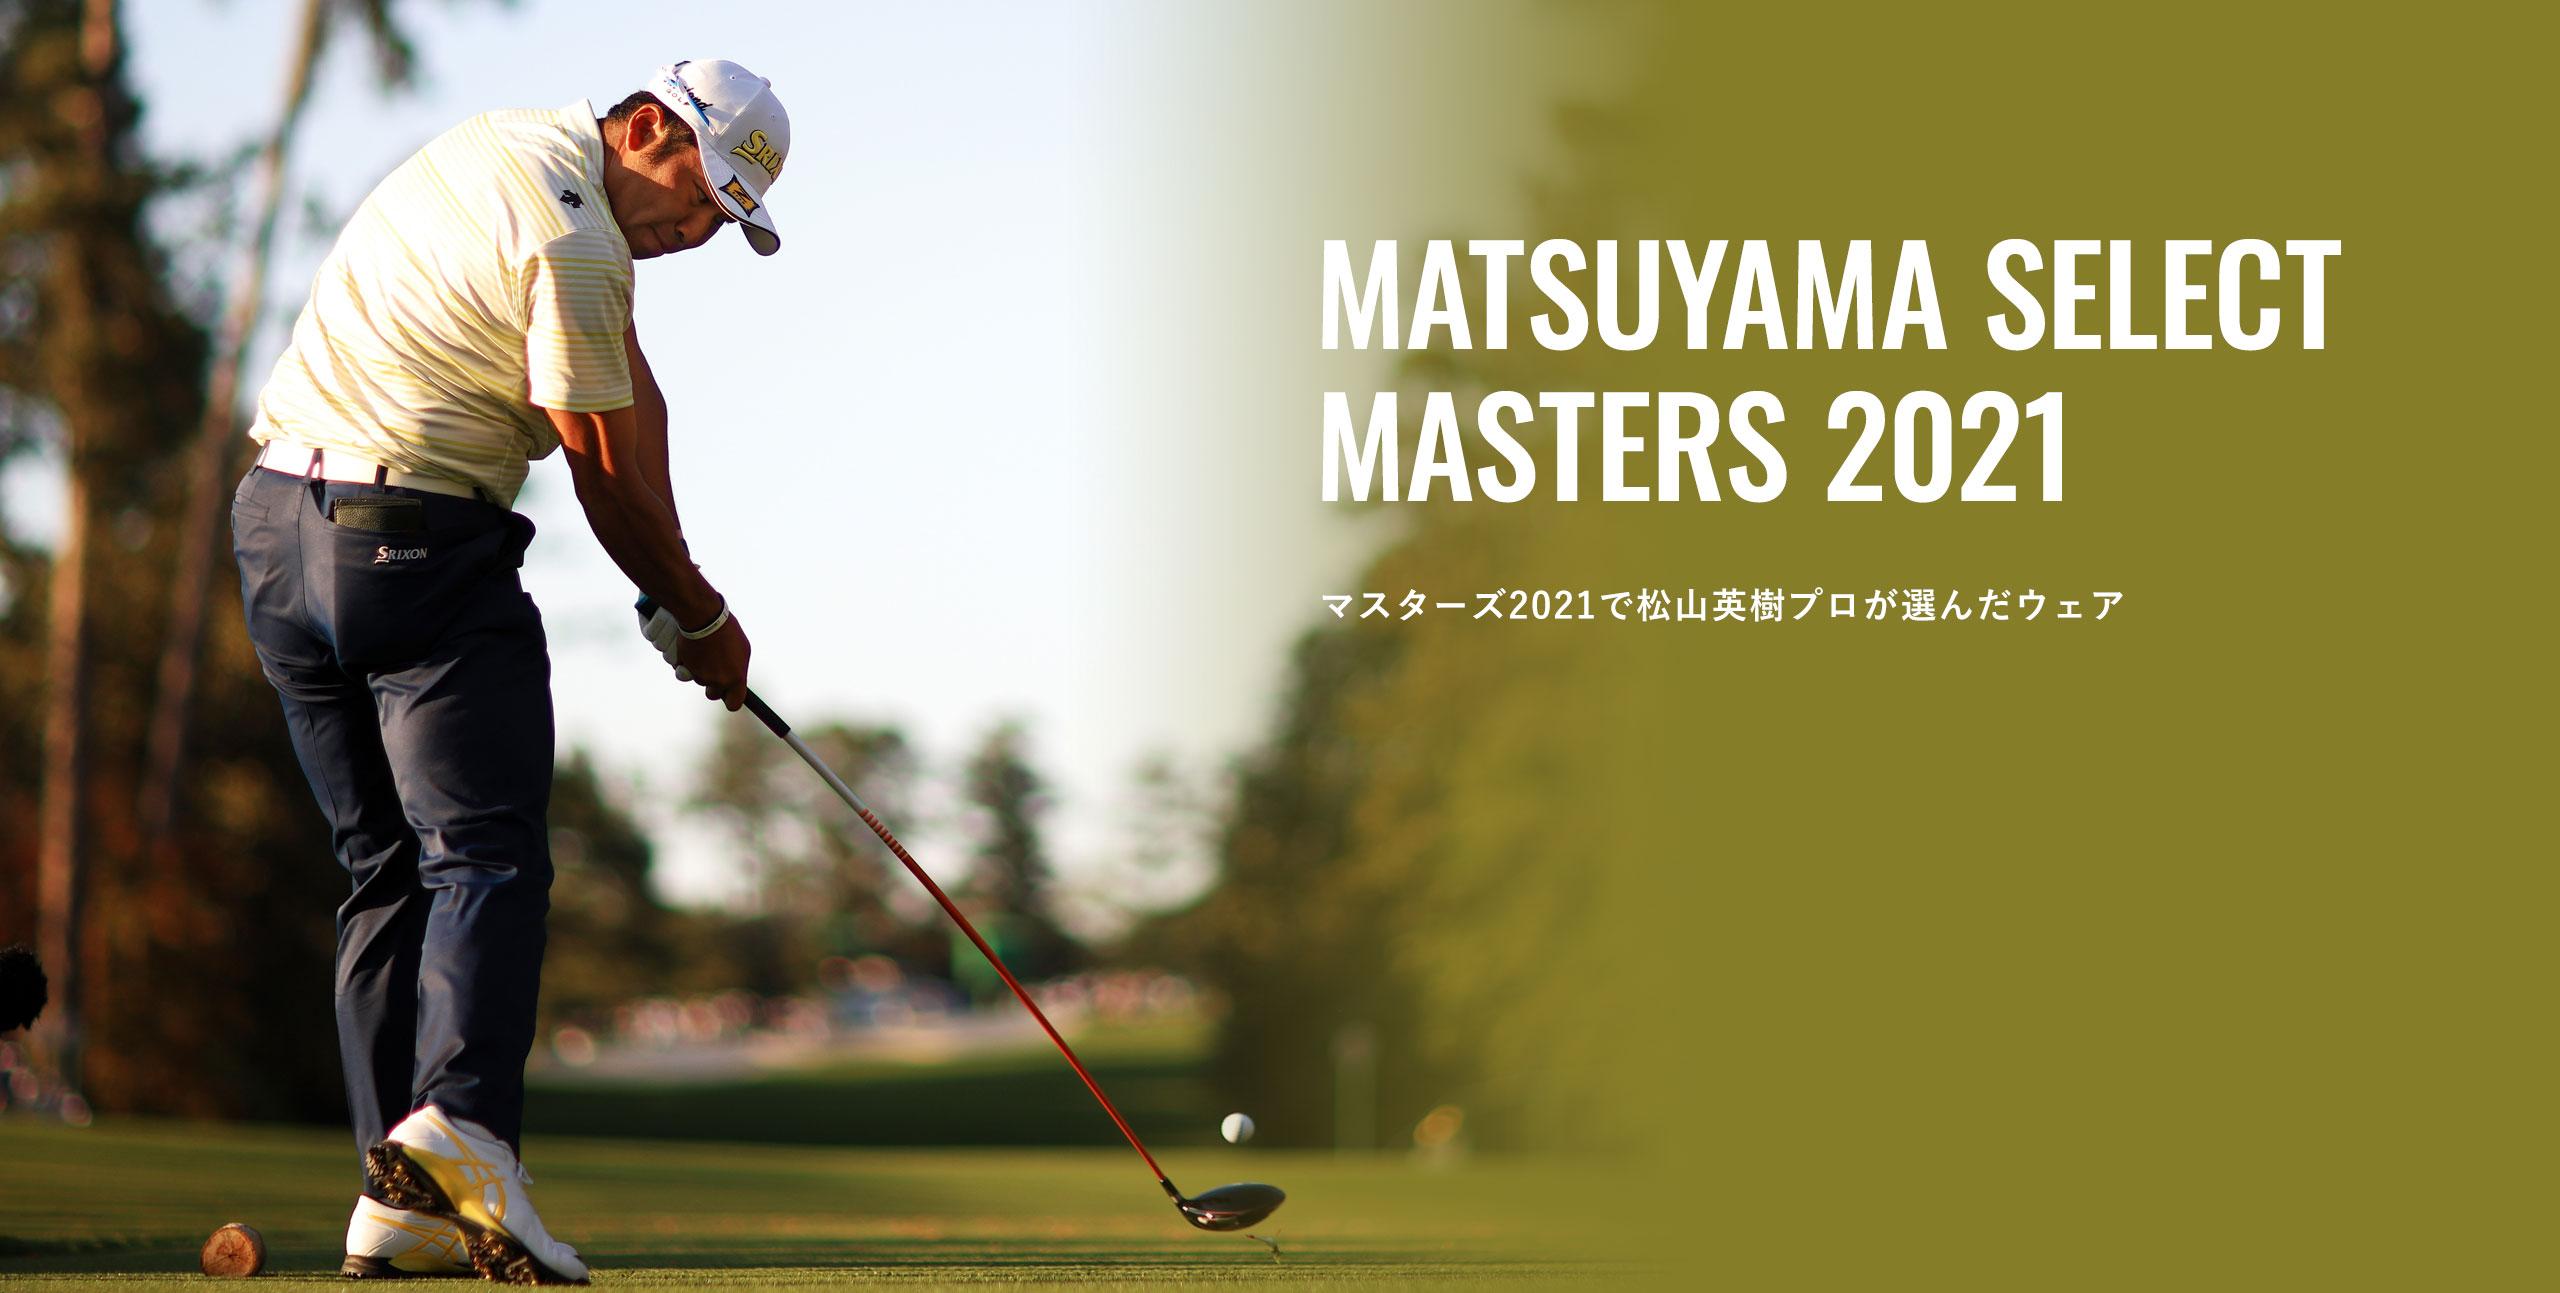 マスターズ2021で松山英樹プロが選んだウェア